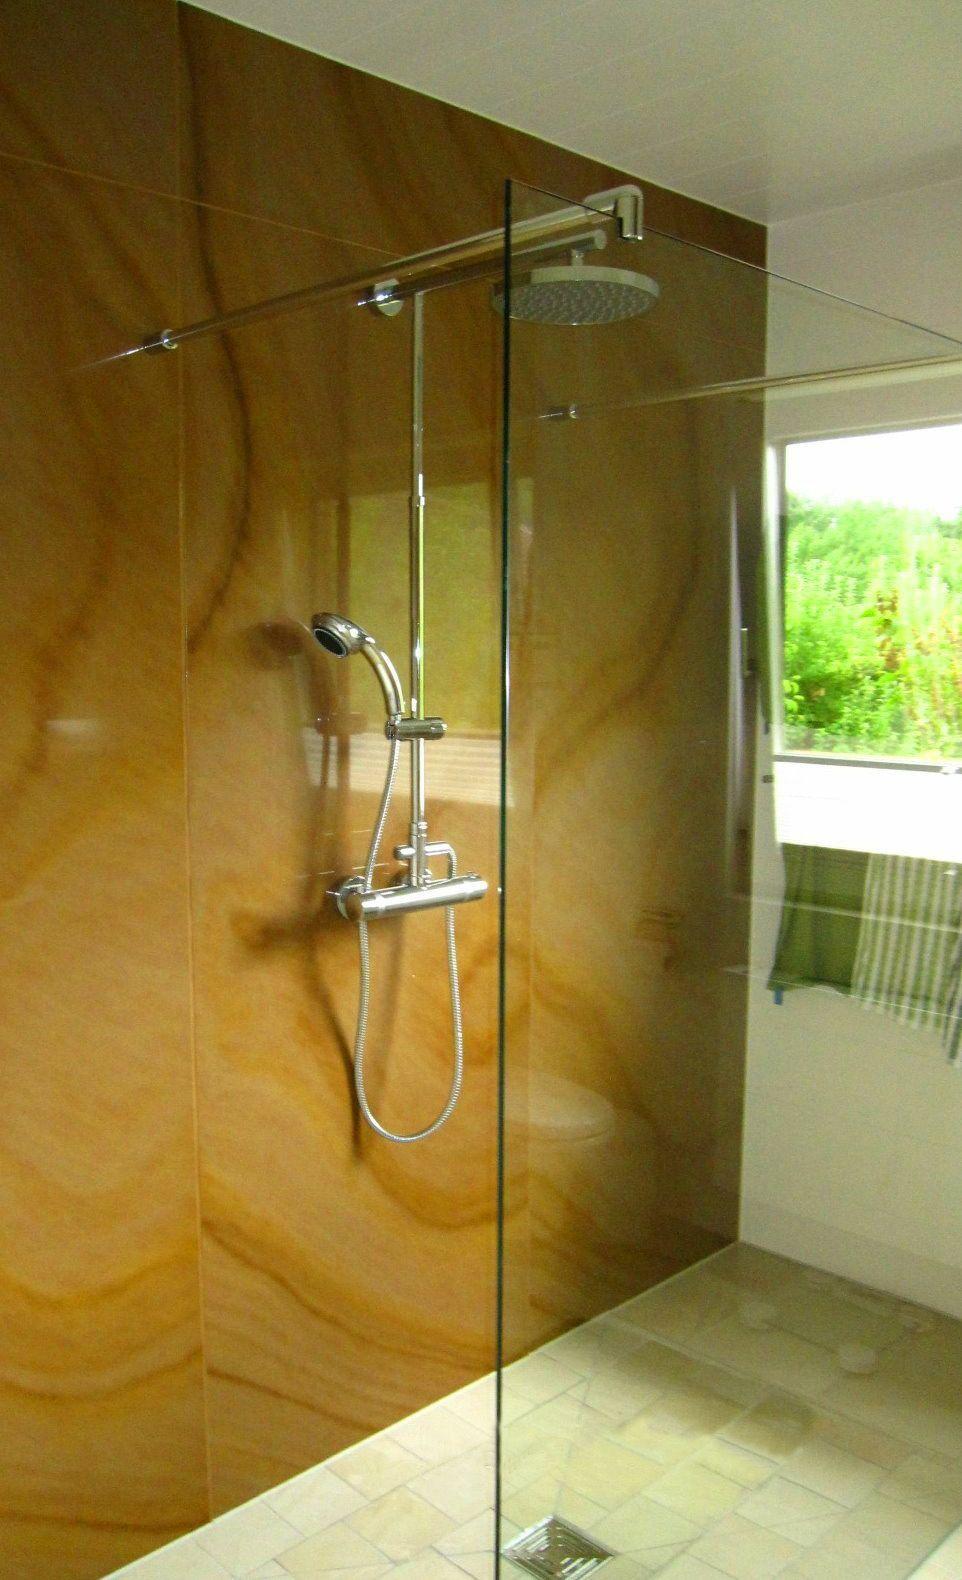 casafloor- natursteinsystem als walk-in dusche. hier reicht der